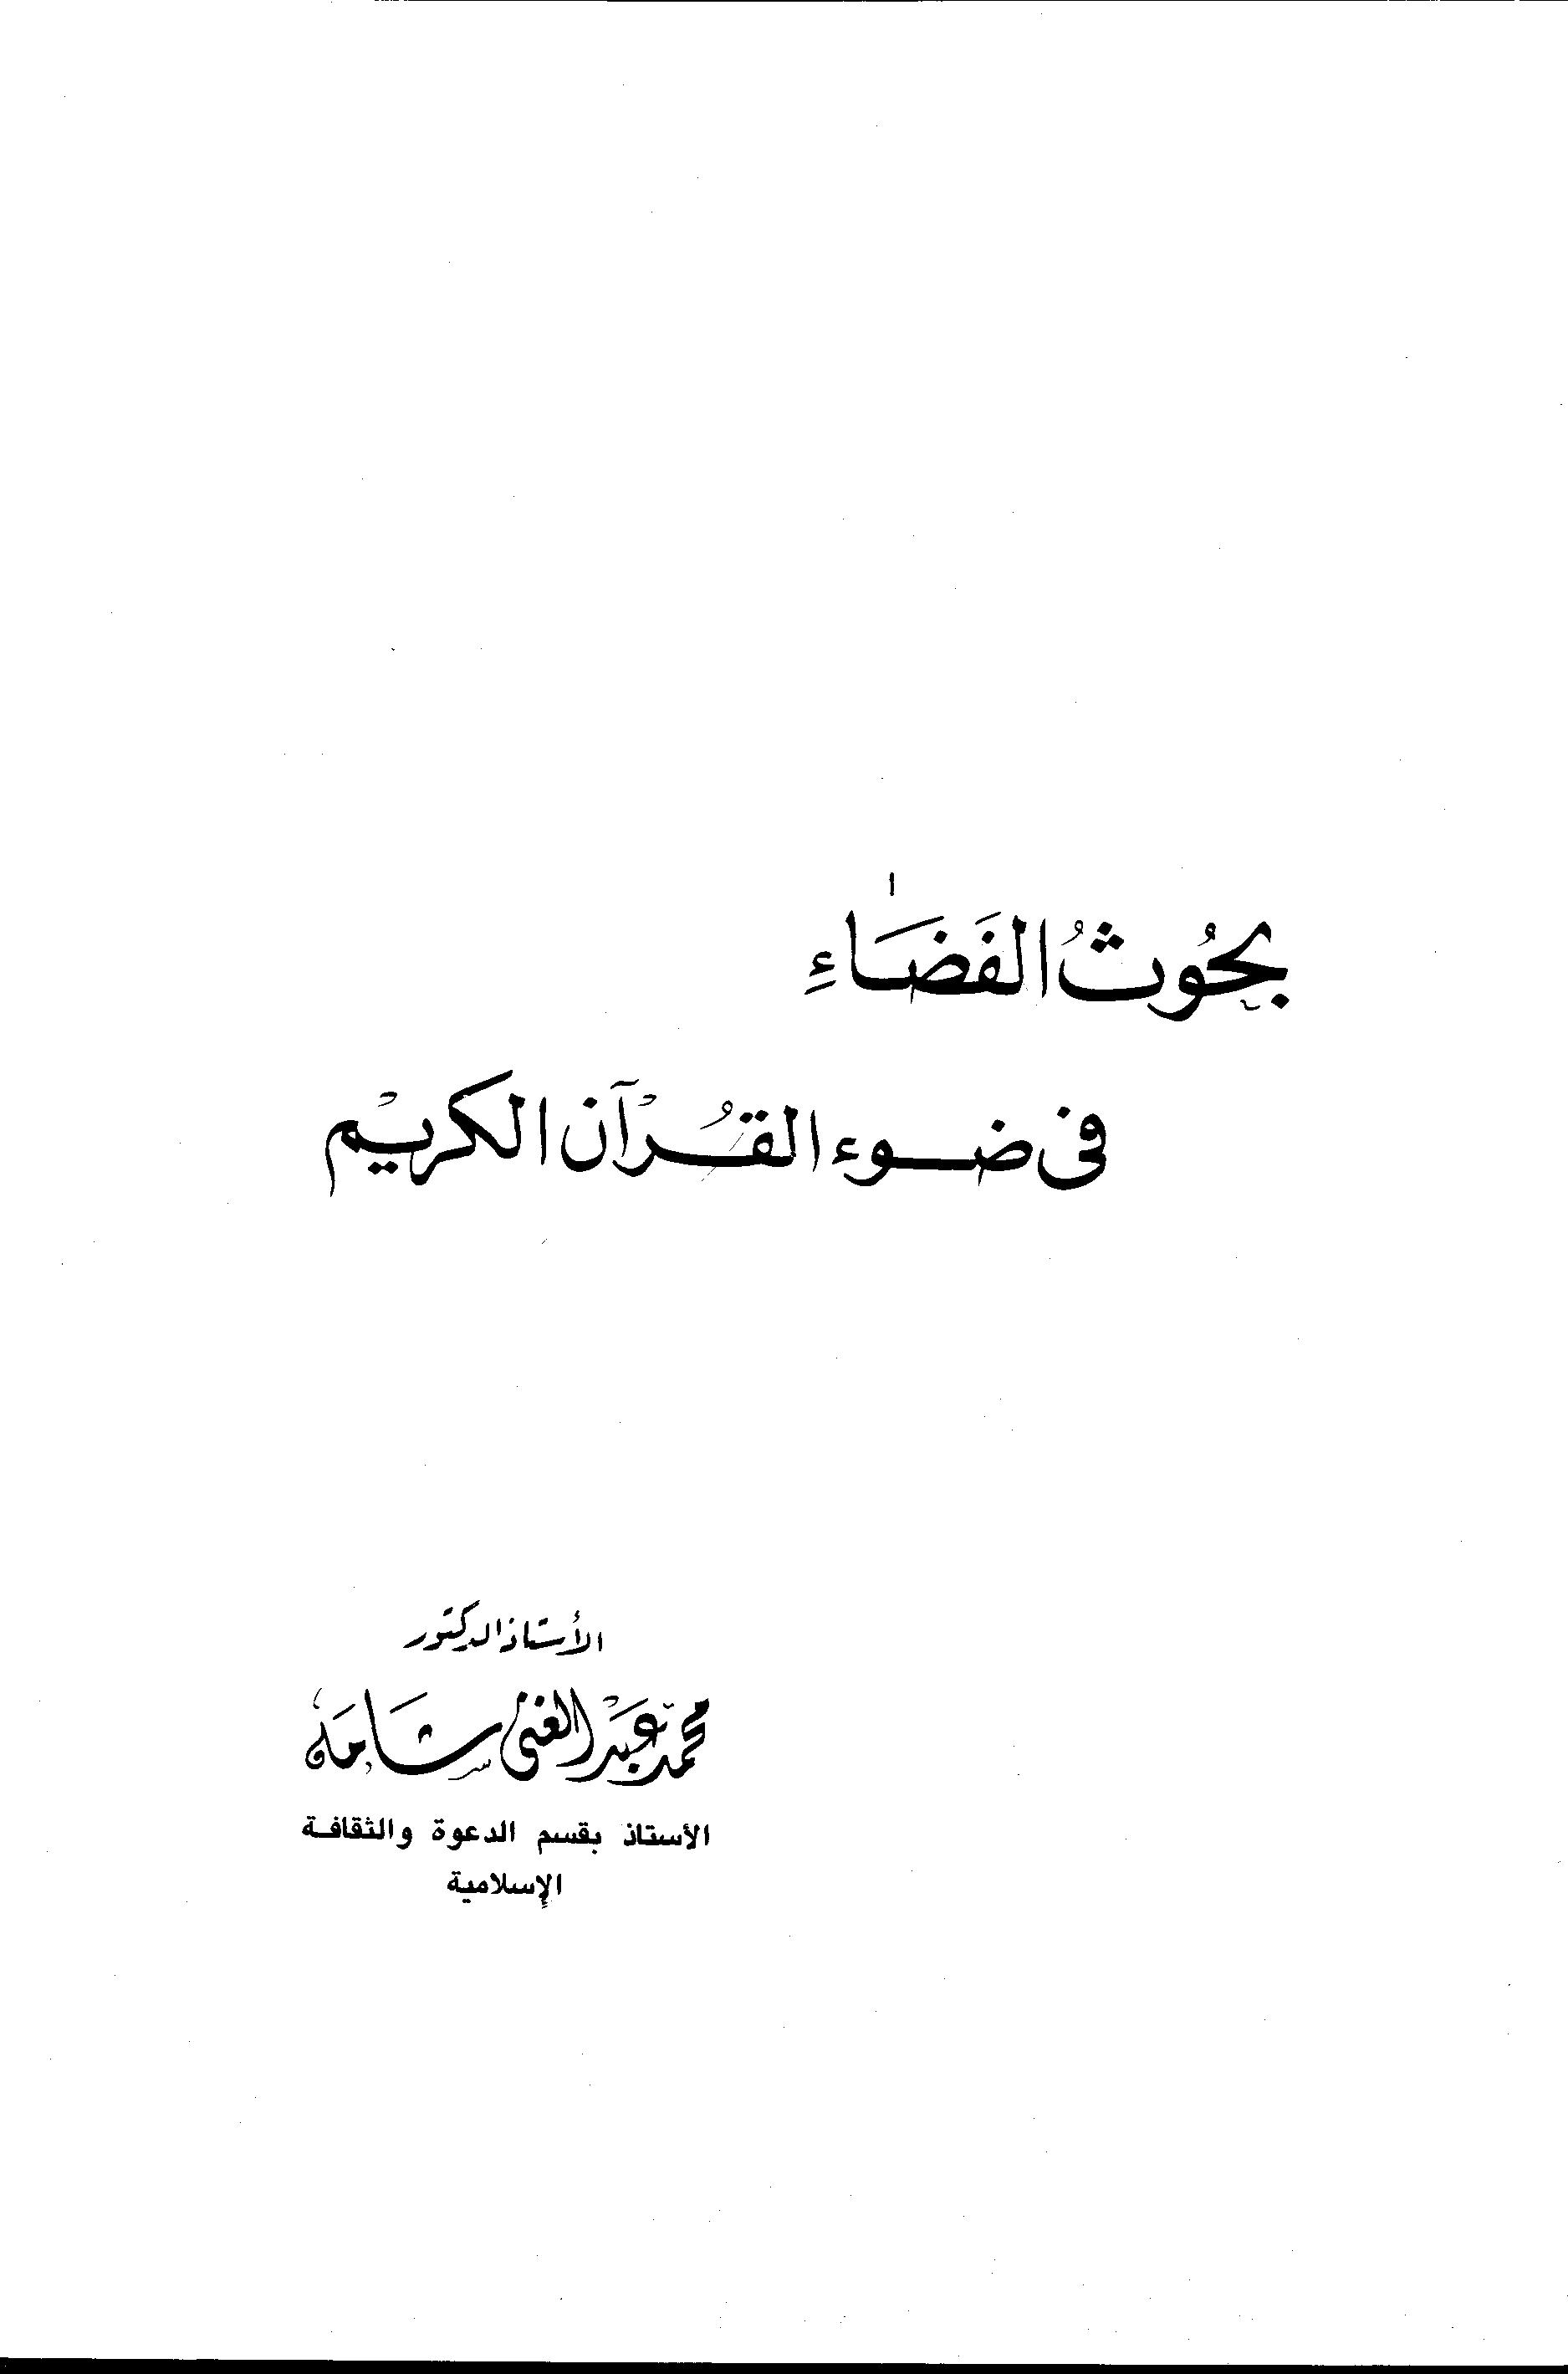 تحميل كتاب بحوث الفضاء في ضوء القرآن الكريم لـِ: الدكتور محمد عبد الغني شامة